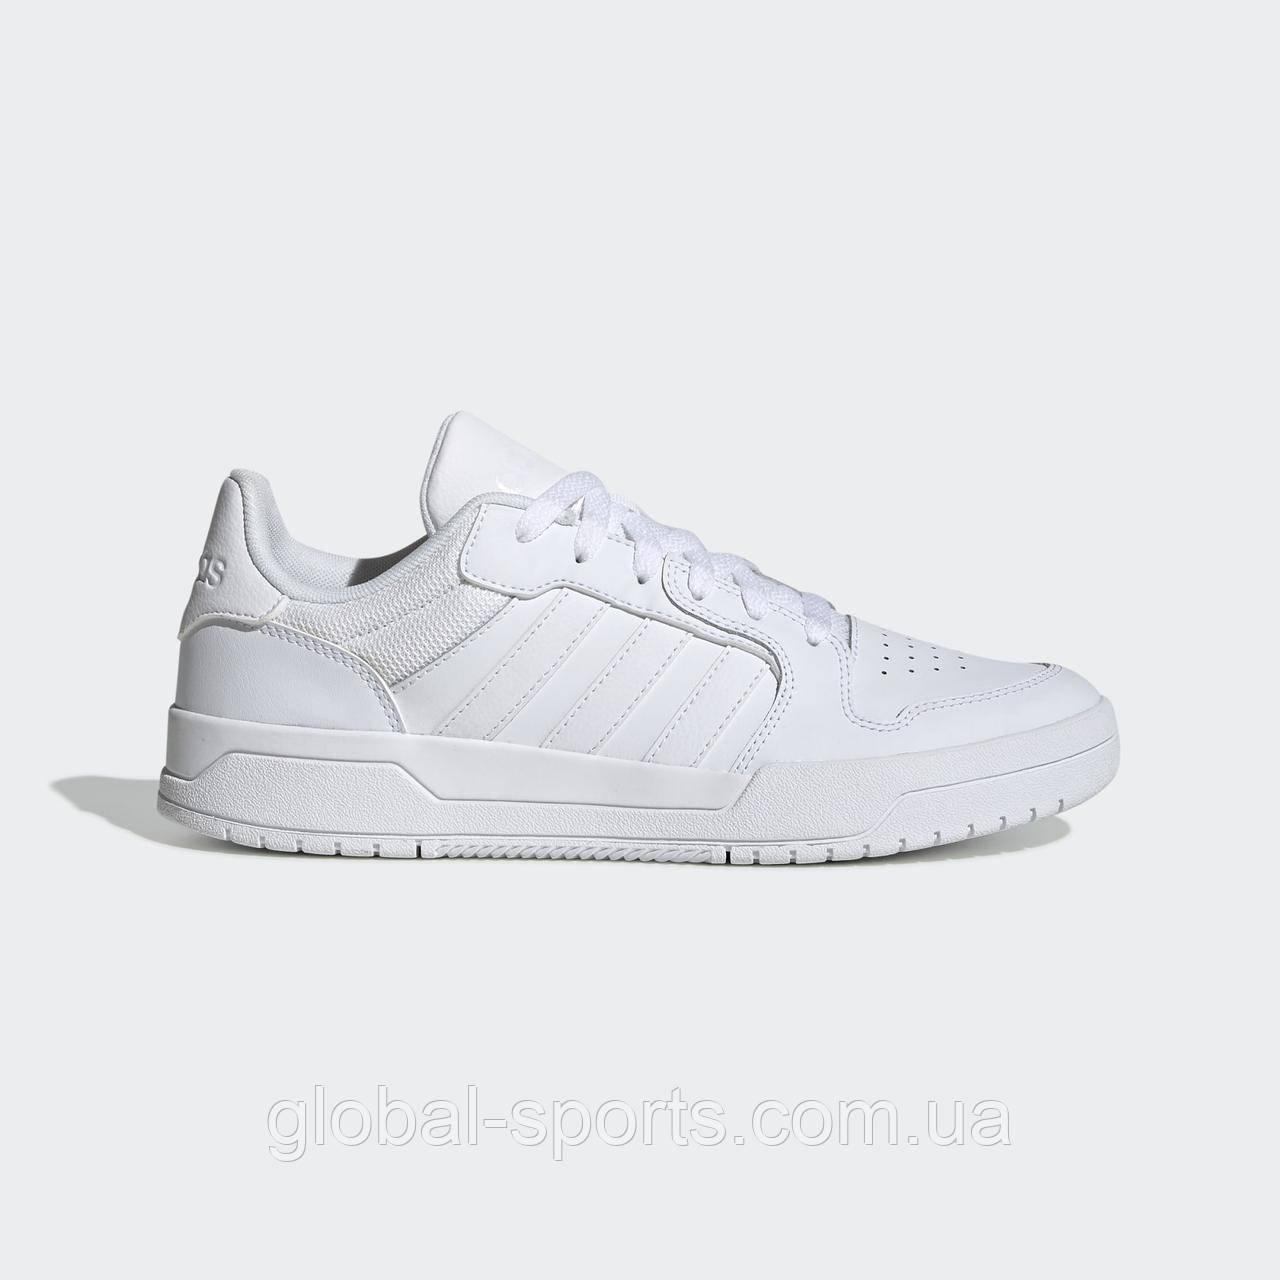 Мужские кроссовки Adidas Entrap(Артикул:EH1865)